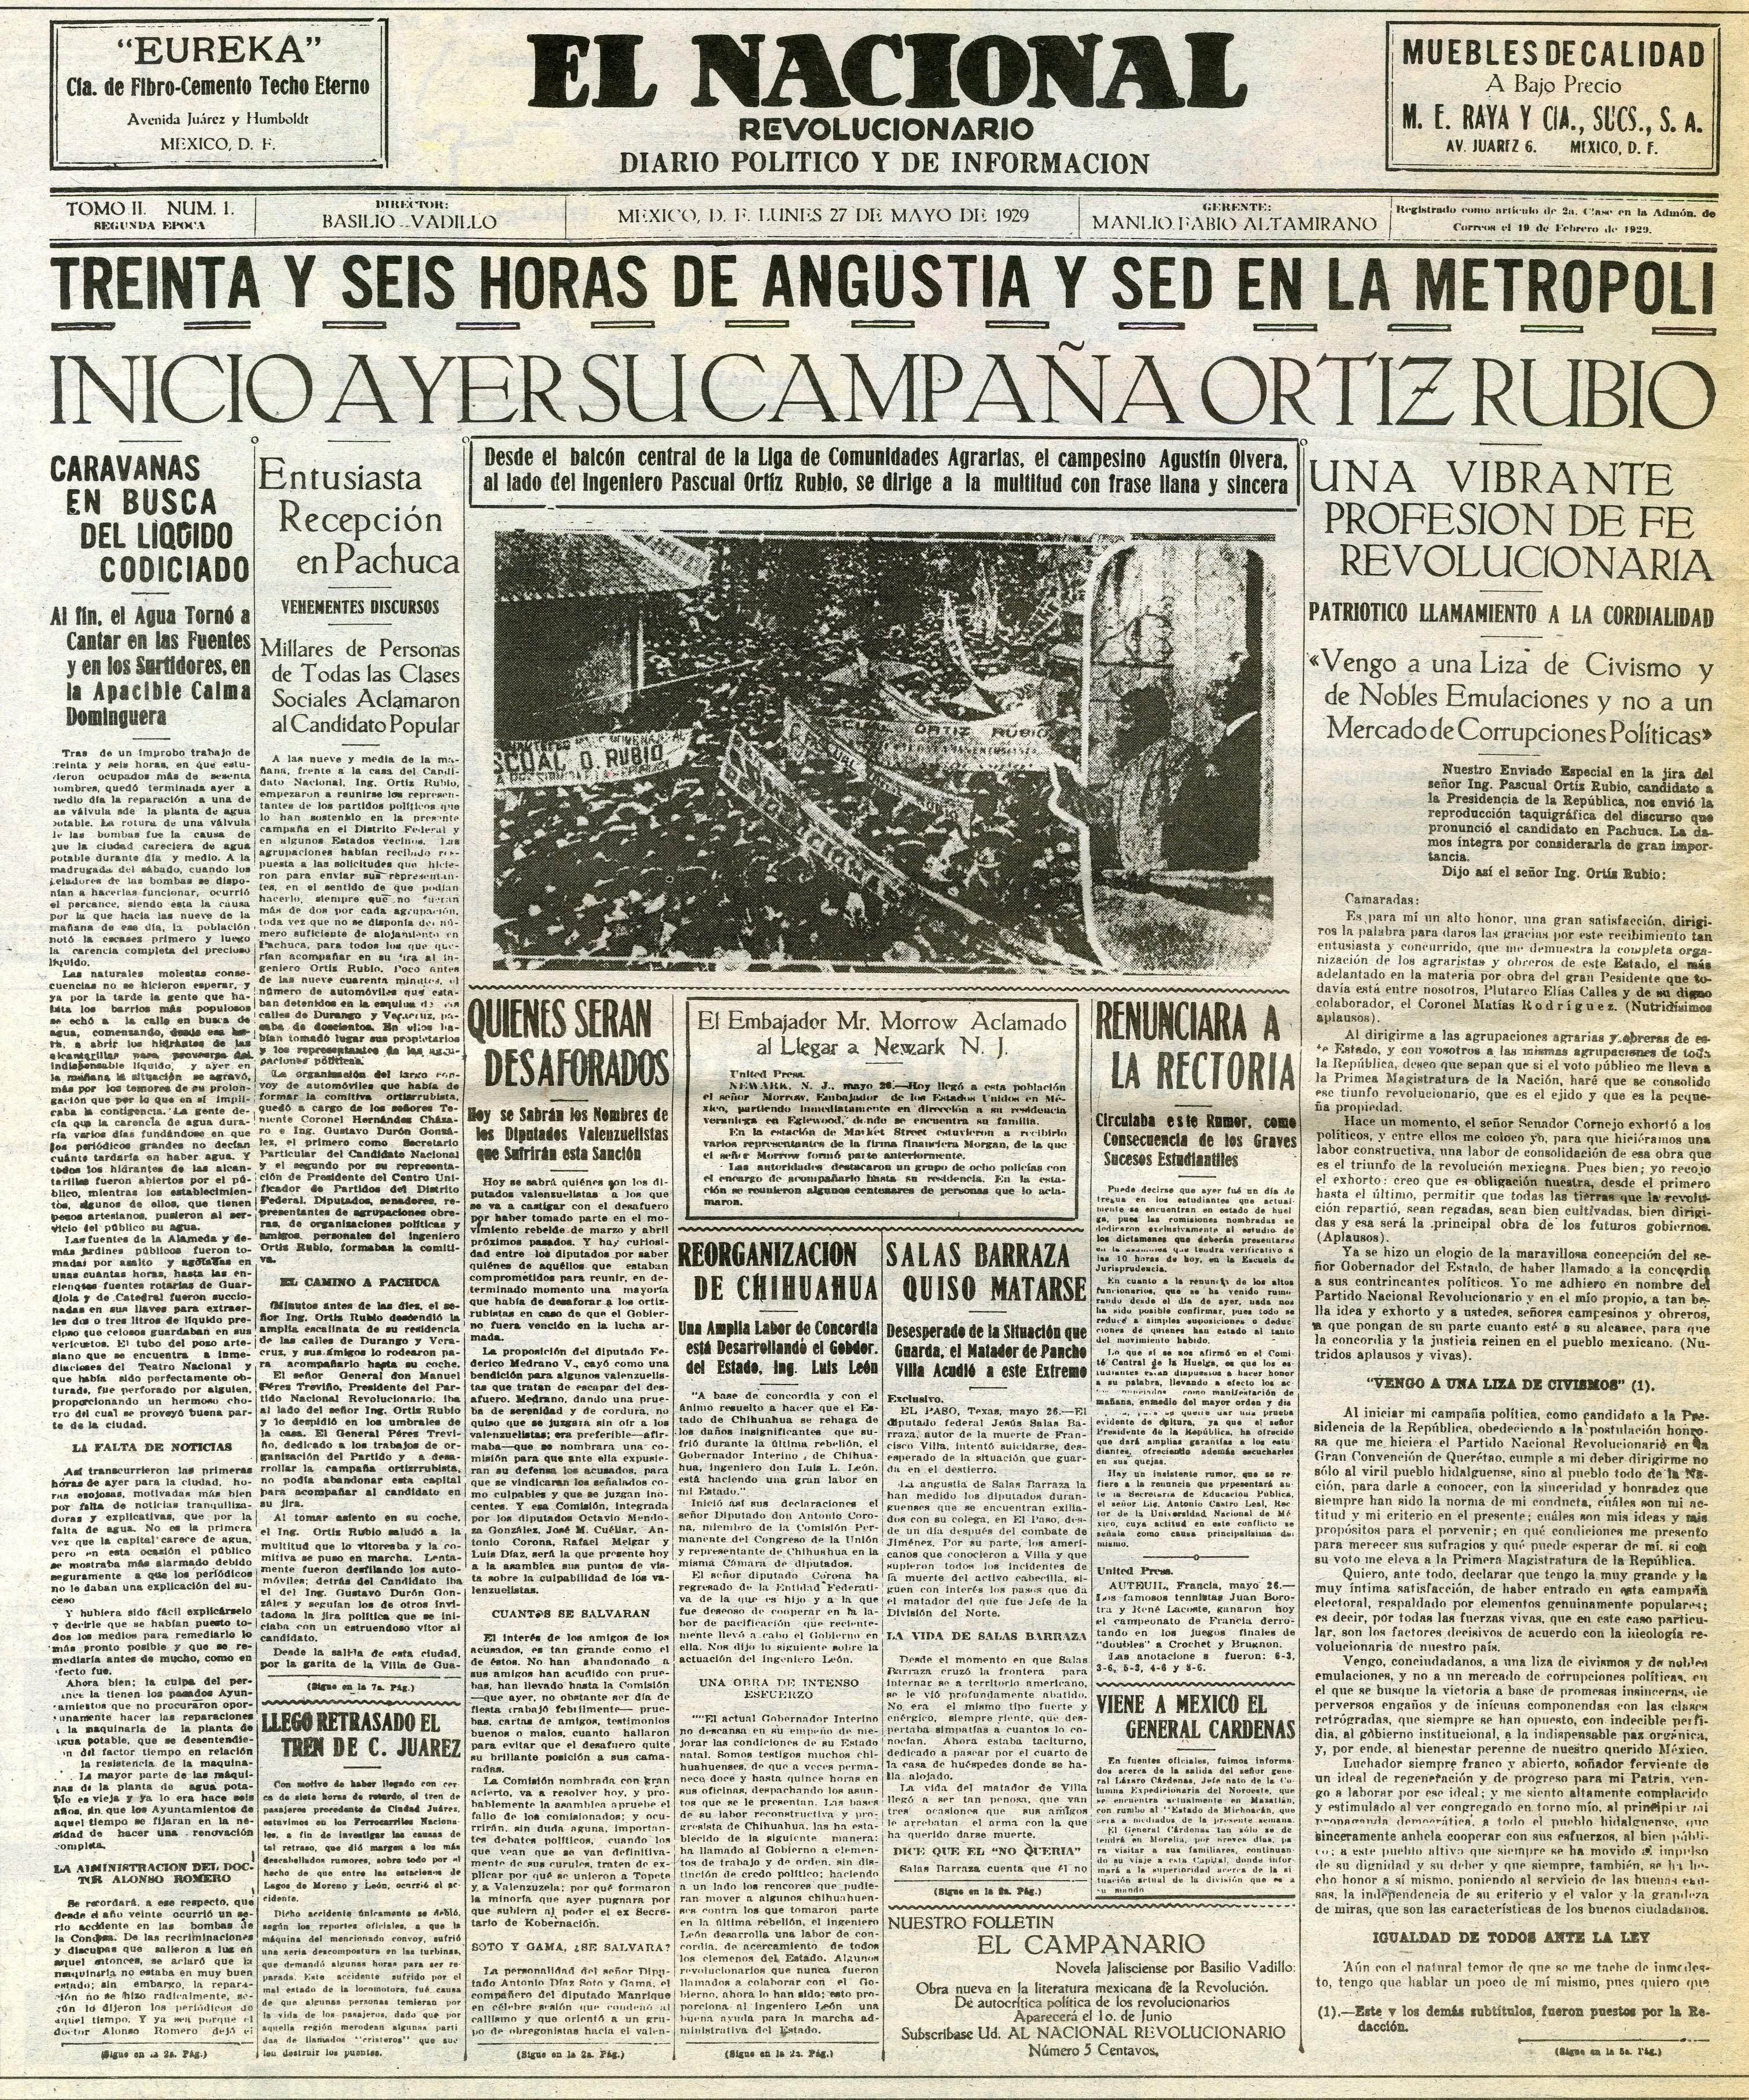 85º Aniversario De La Fundacion De El Nacional